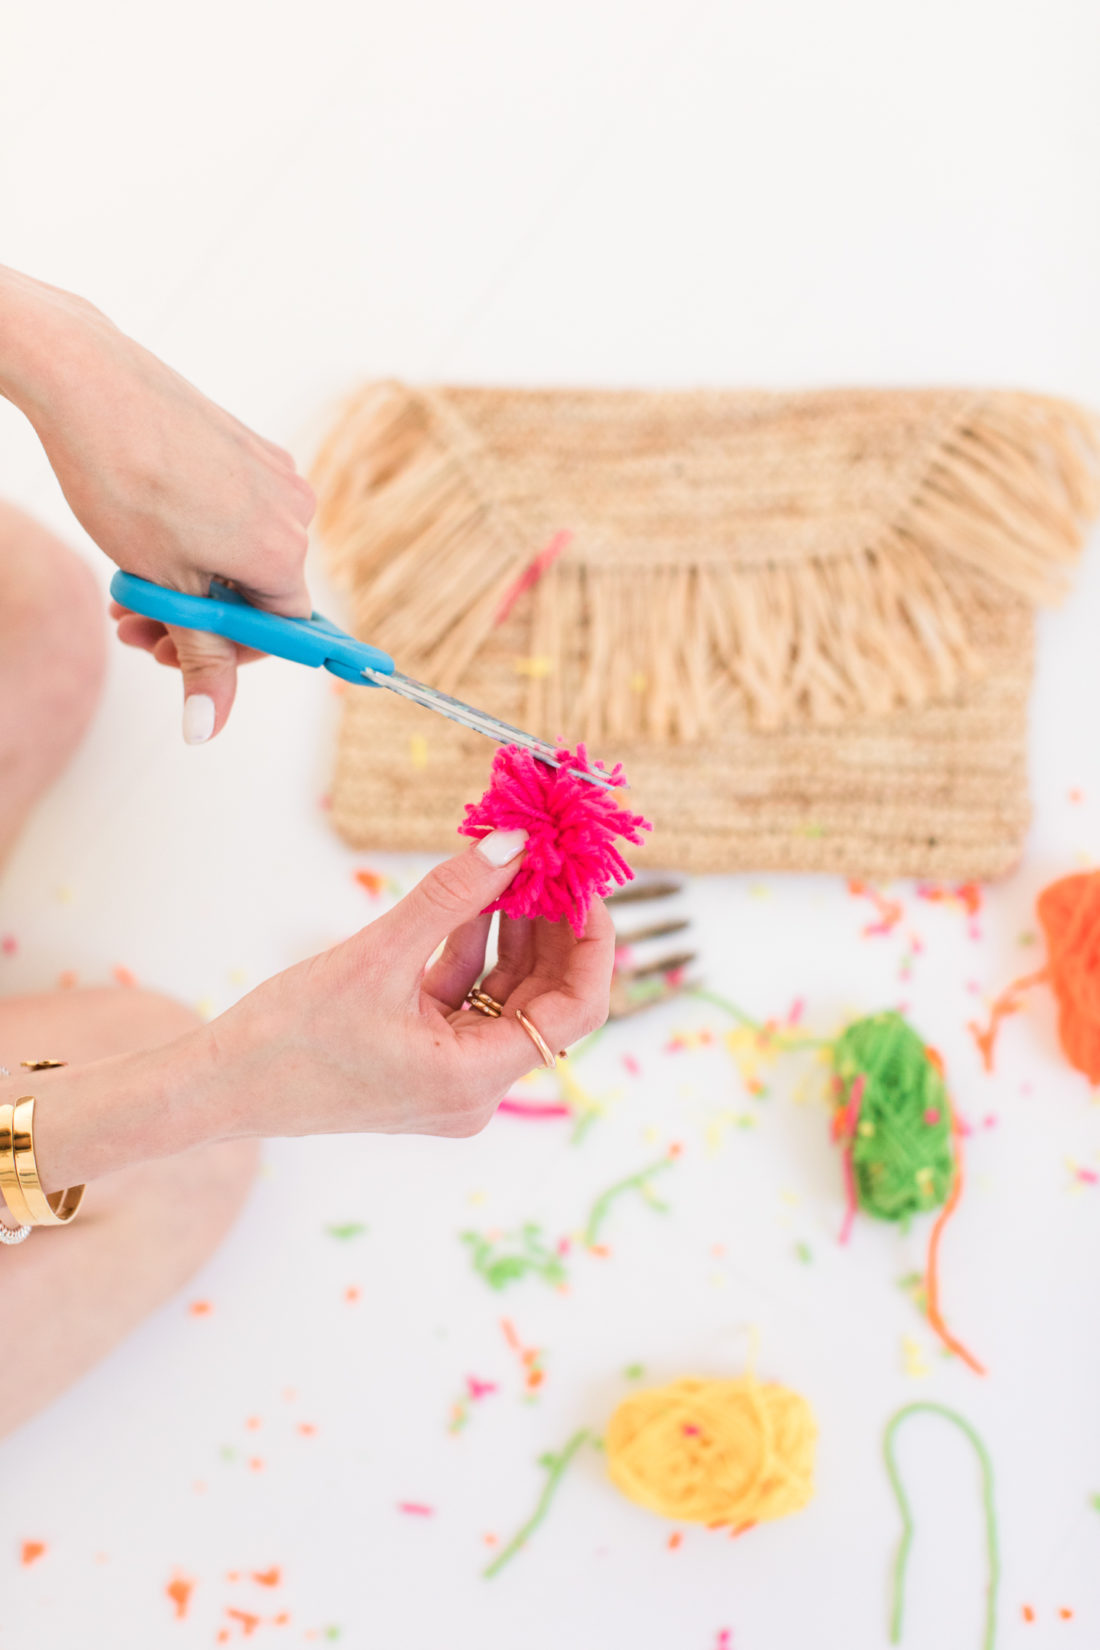 Eva Amurri Martino of lifestyle and motherhood blog Happily Eva After shares a DIY pom pom clutch for Summer